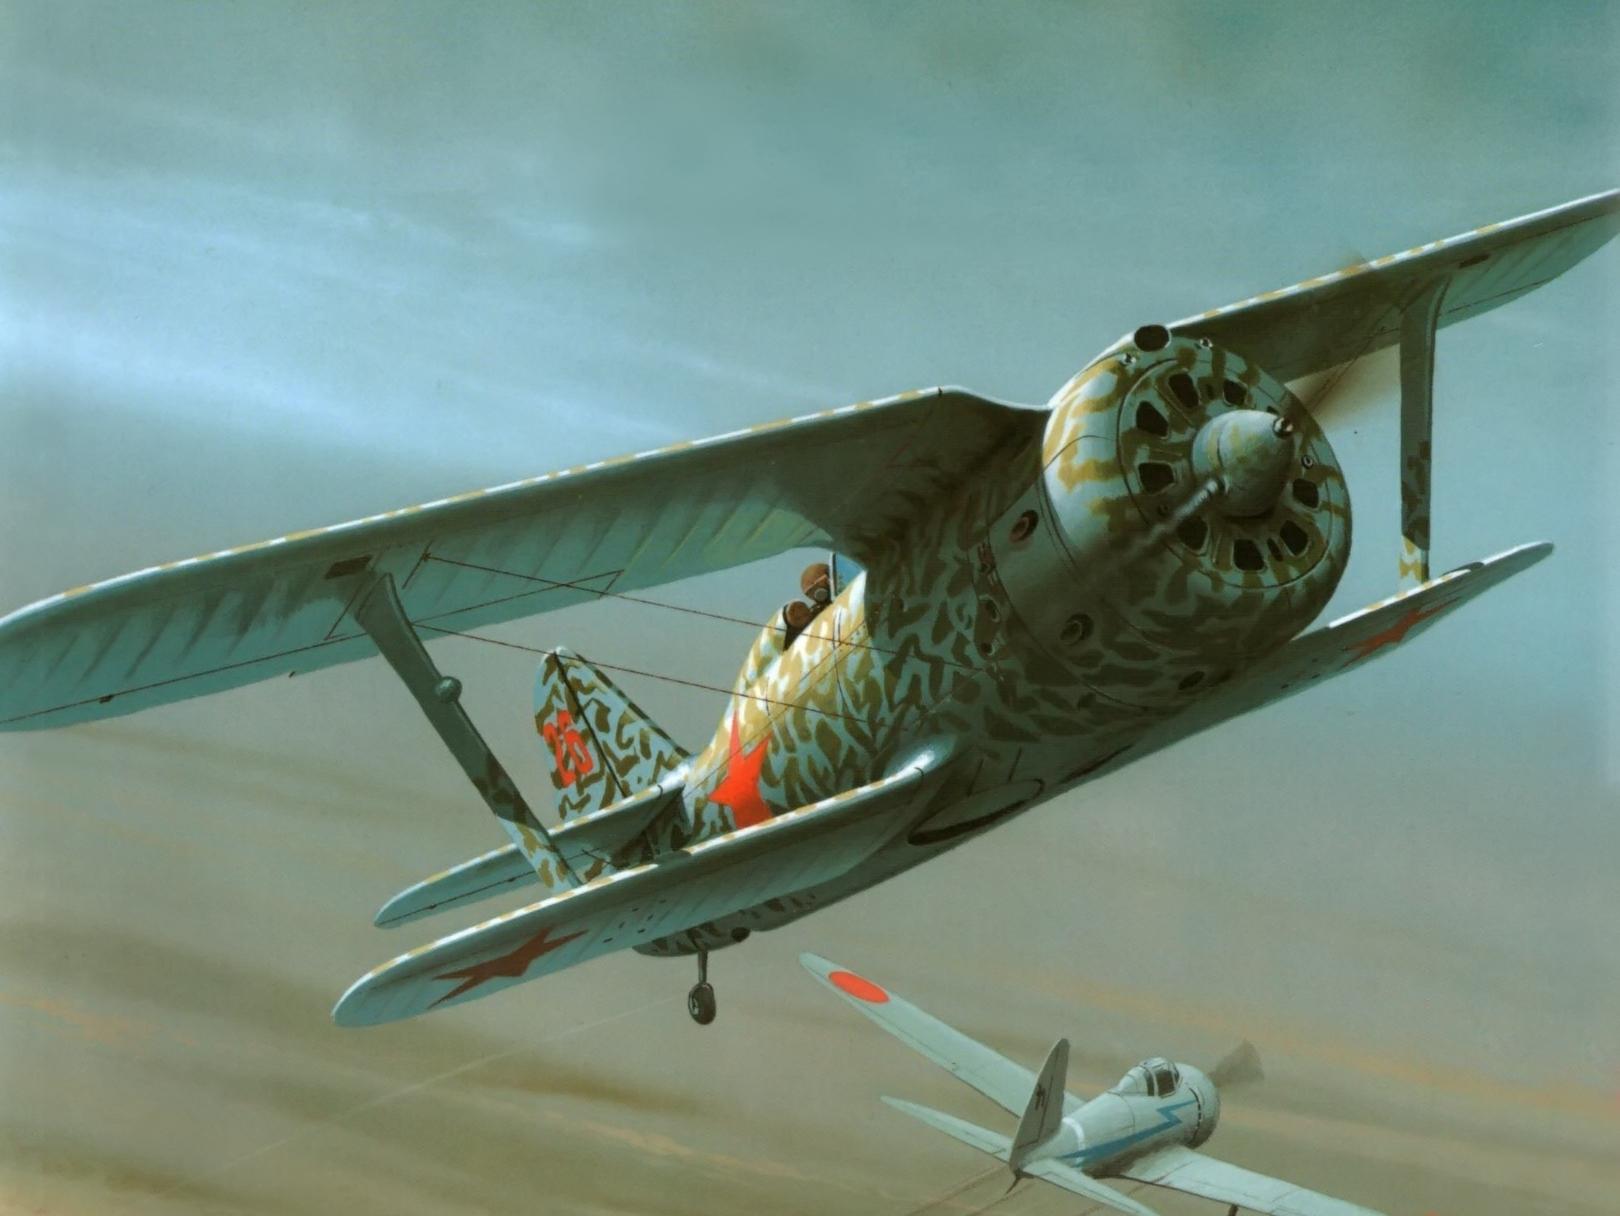 Wróbel Arkadiusz. Истребитель И-153.